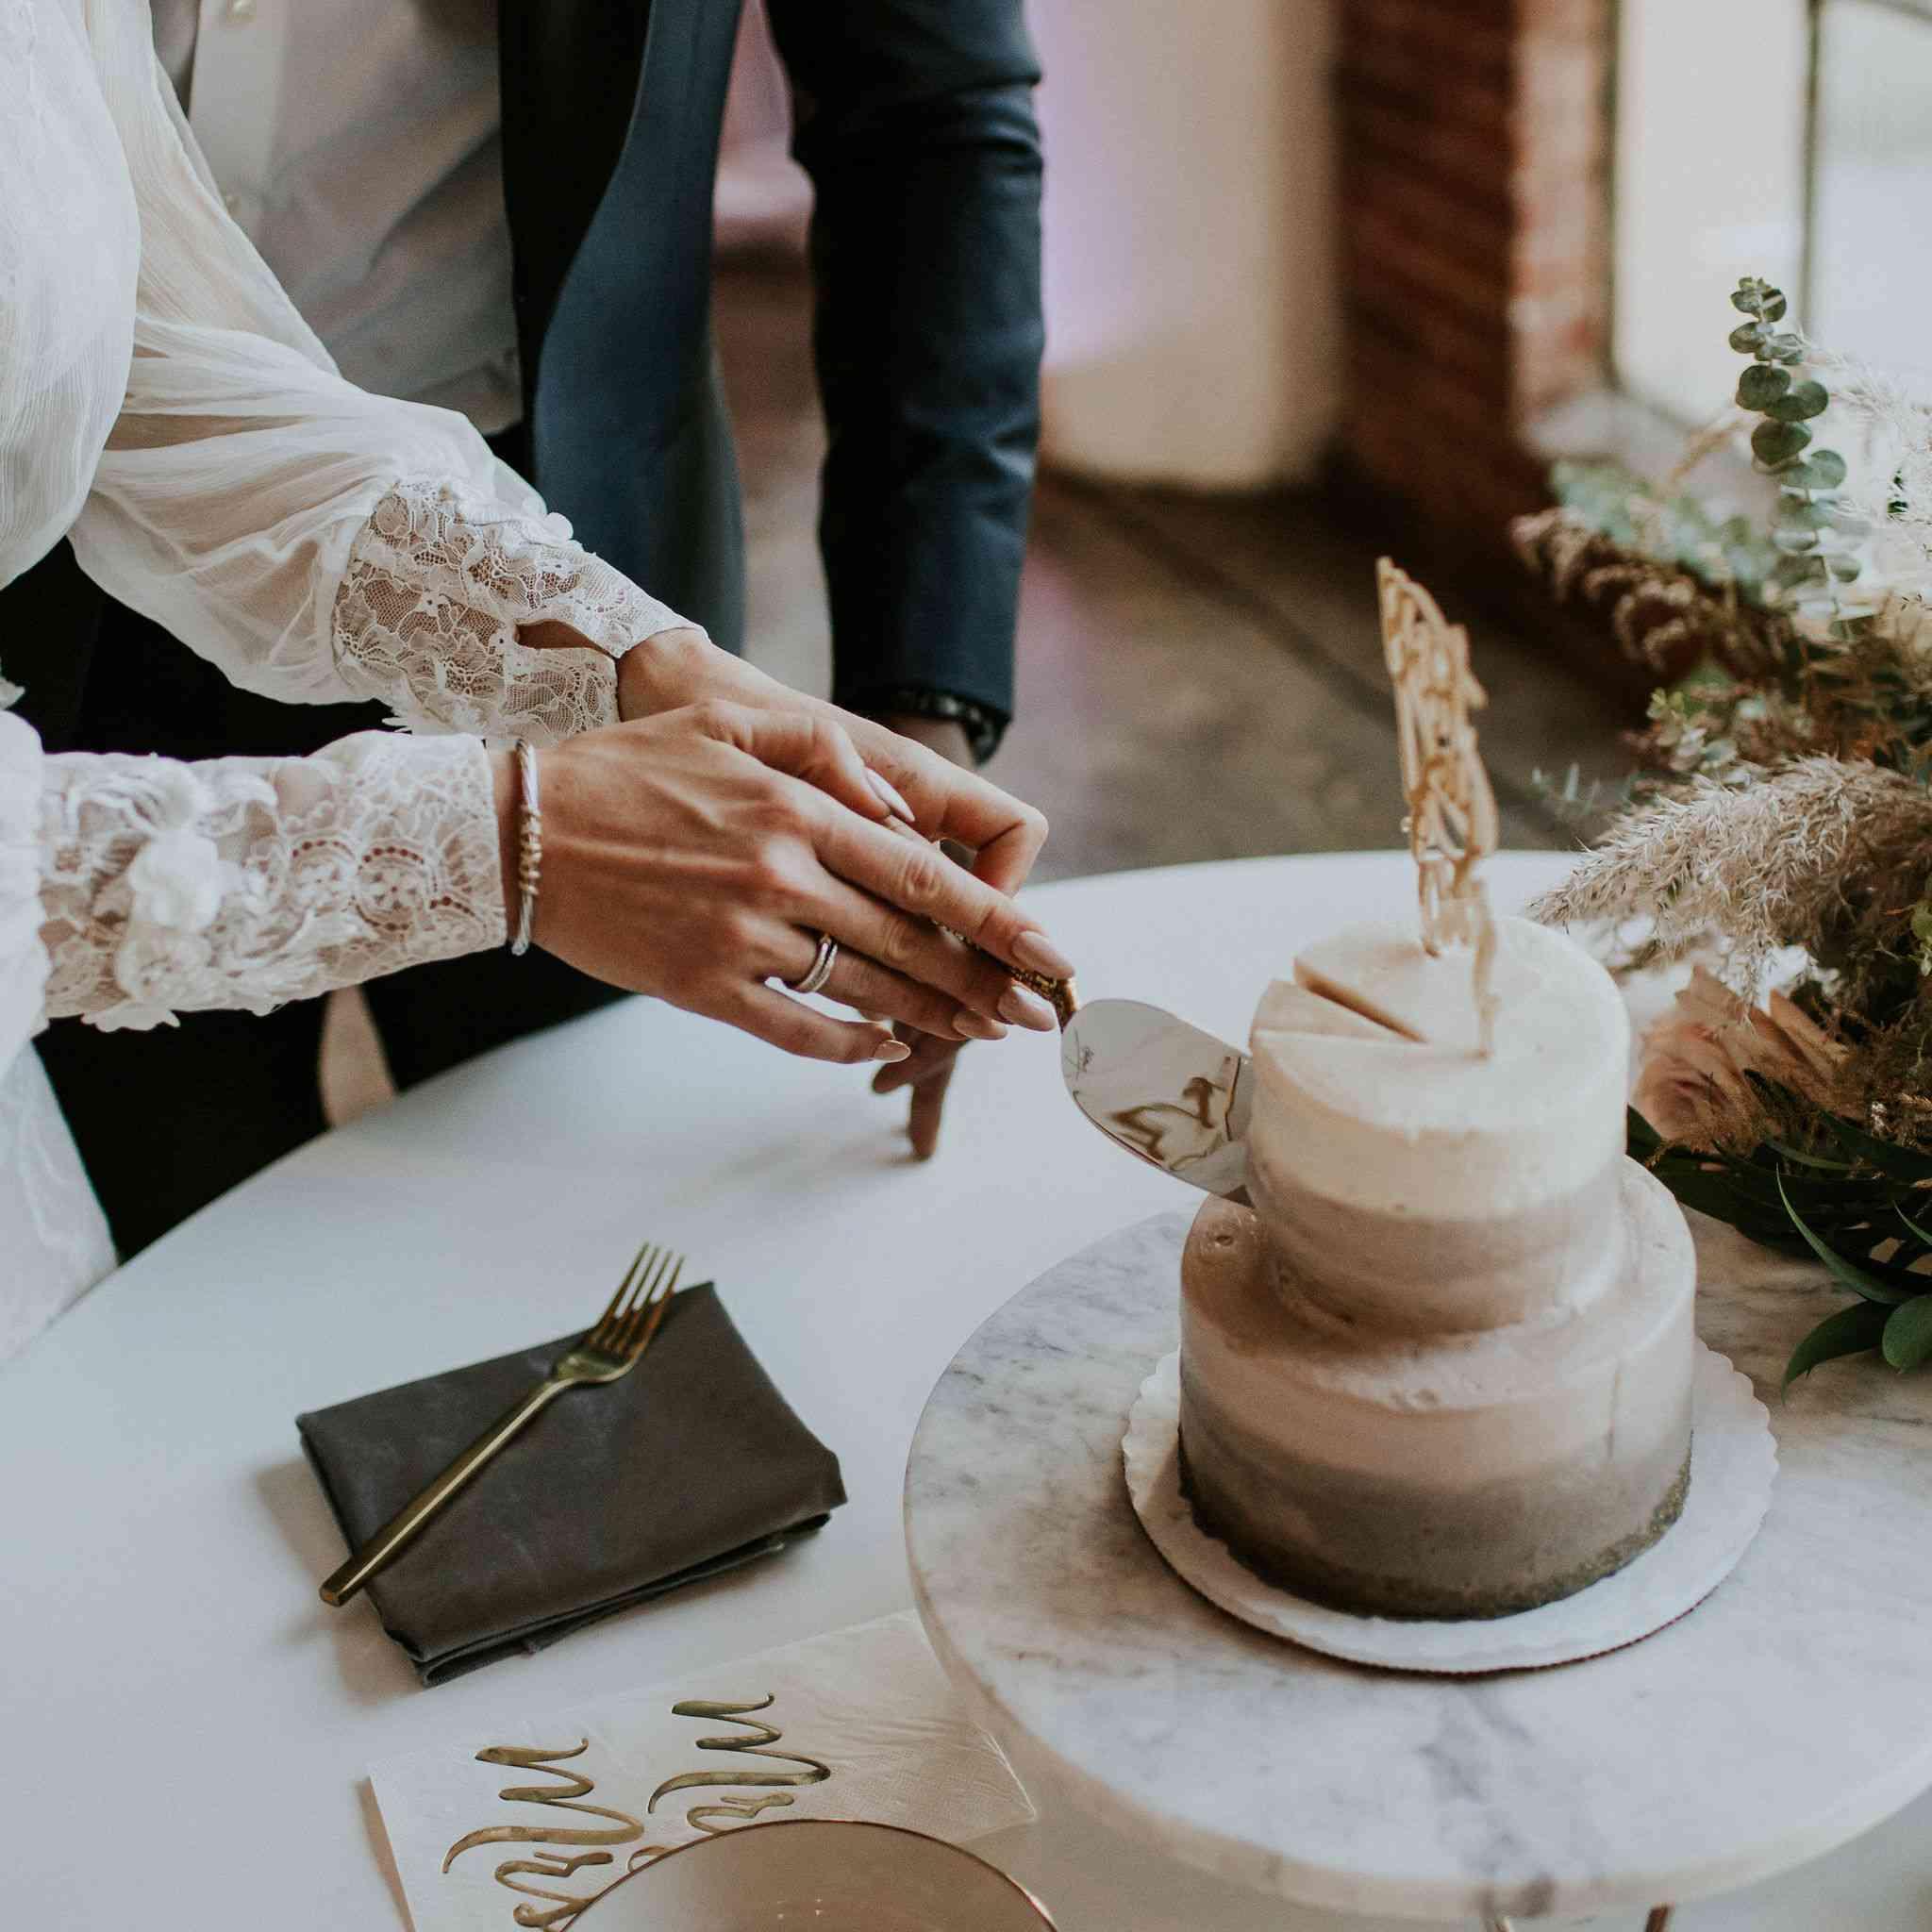 bride cutting cake